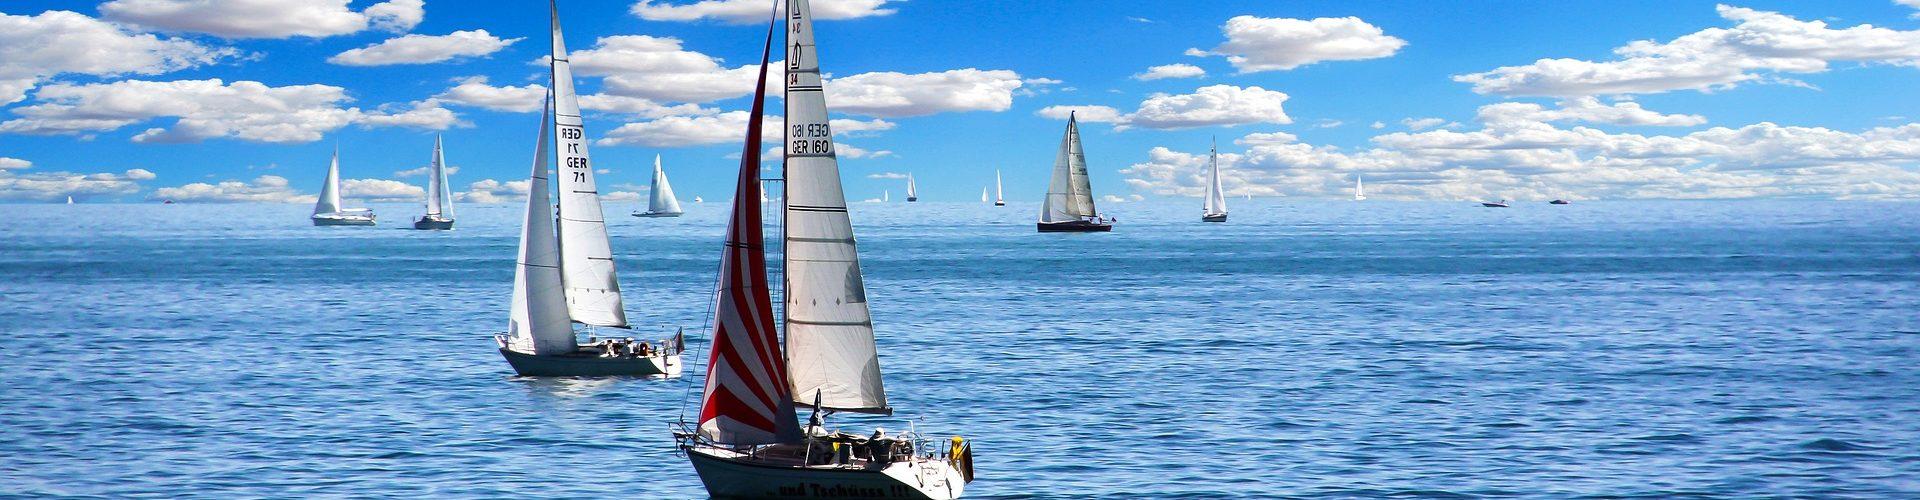 segeln lernen in Hüfingen segelschein machen in Hüfingen 1920x500 - Segeln lernen in Hüfingen